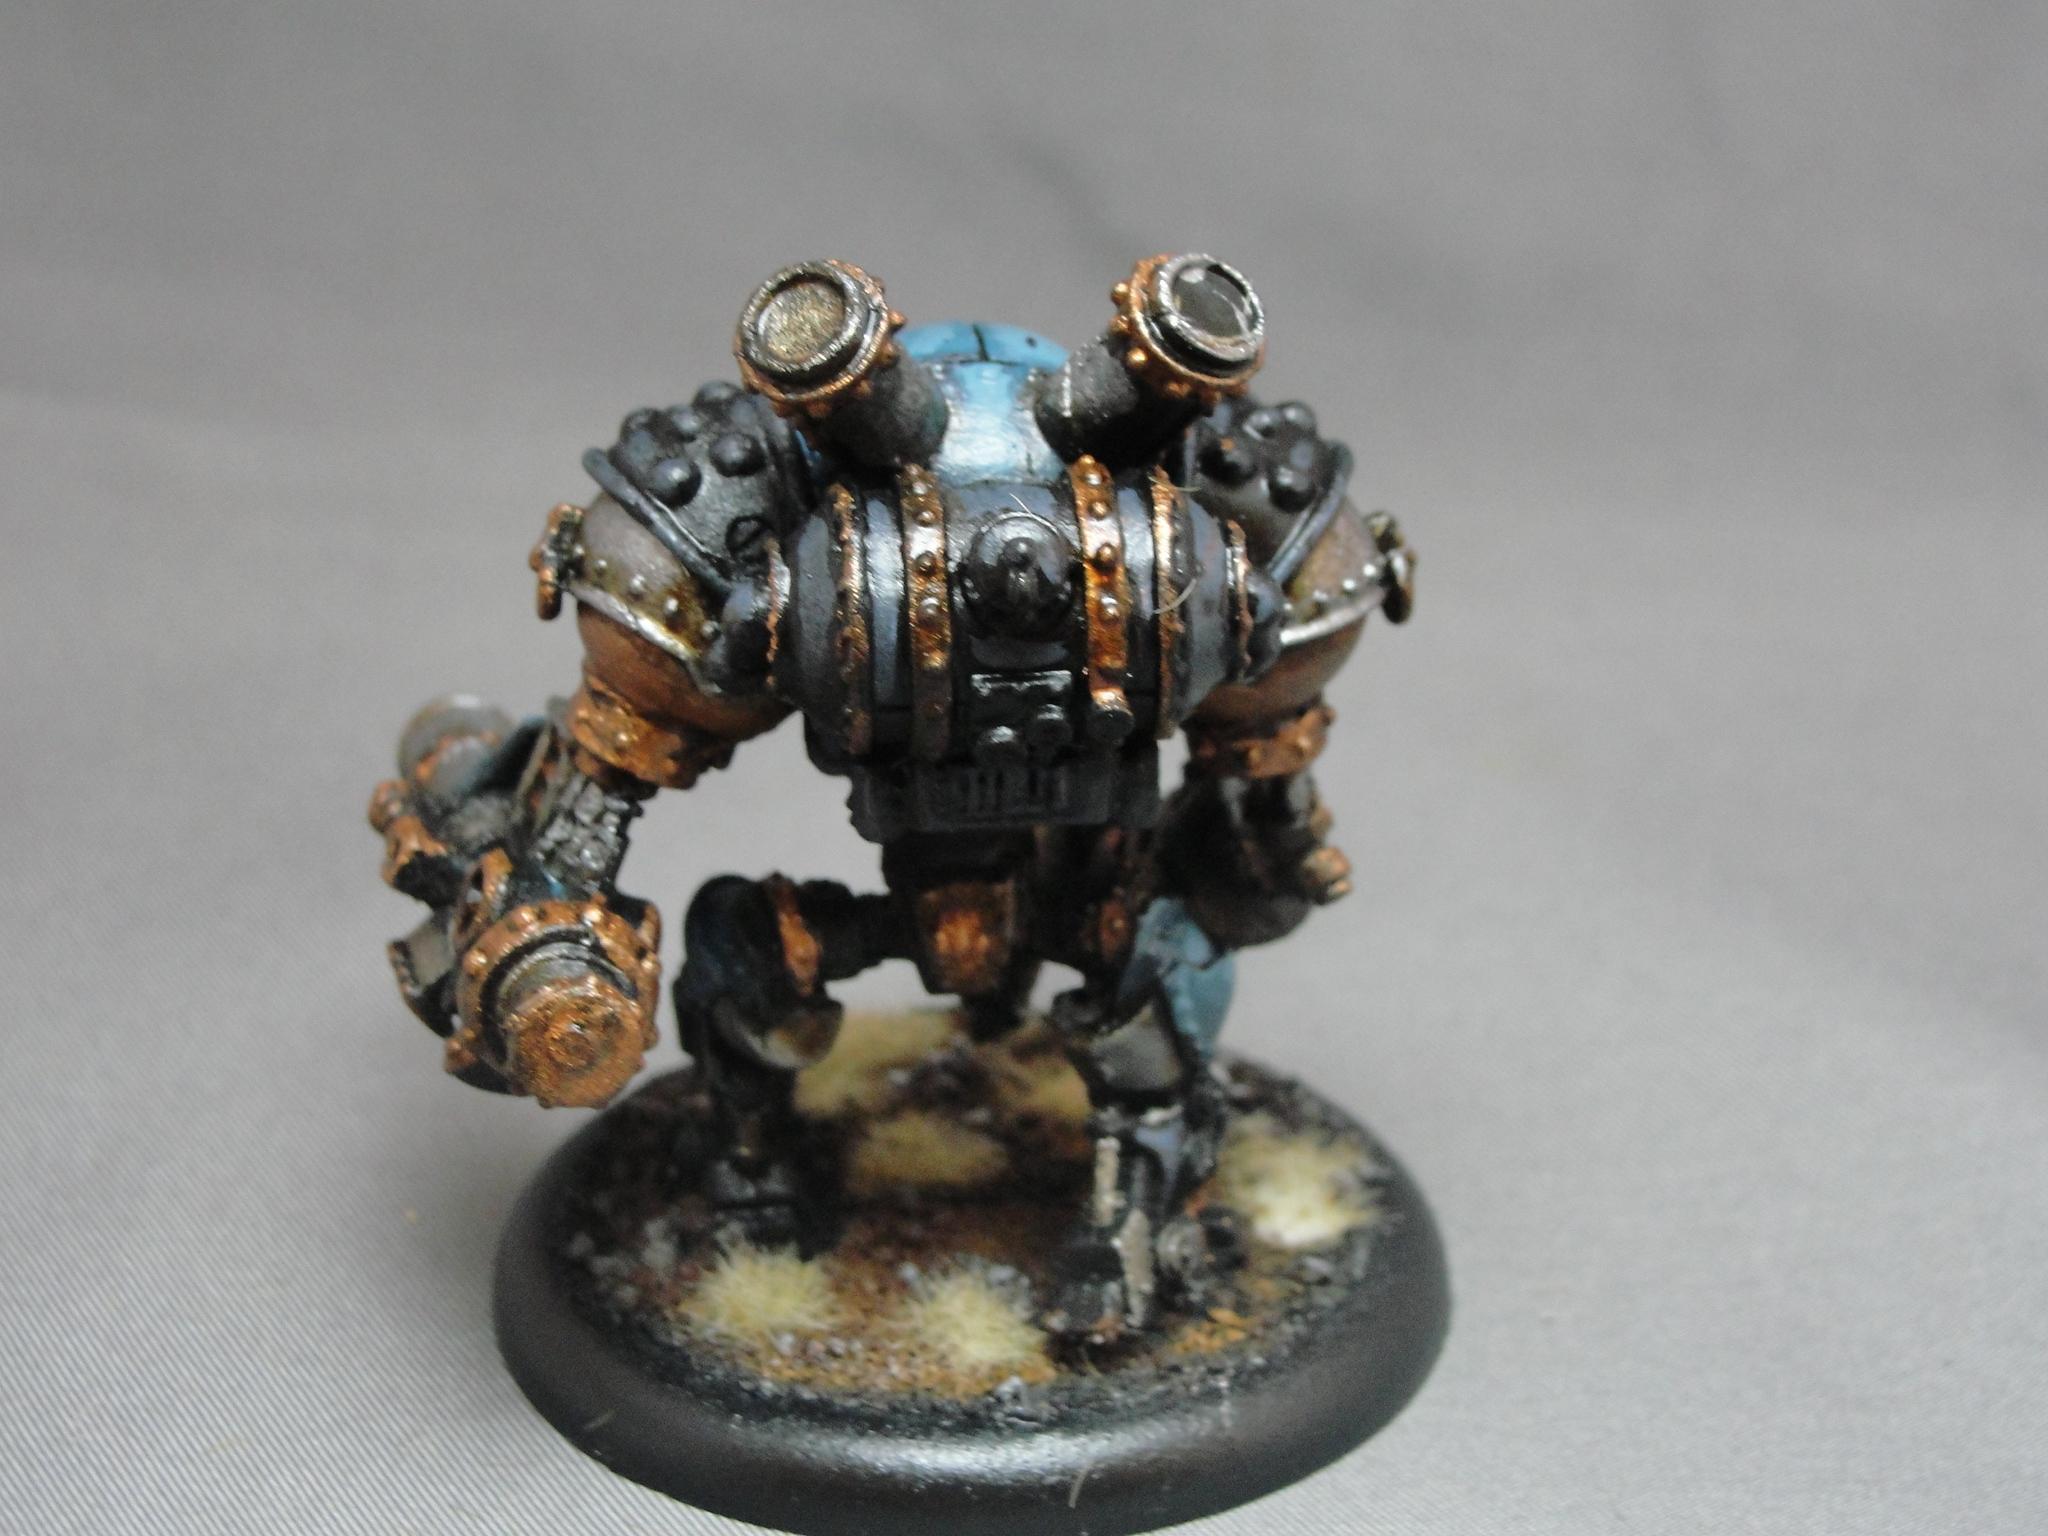 Cygnar, Defender, Warmachine